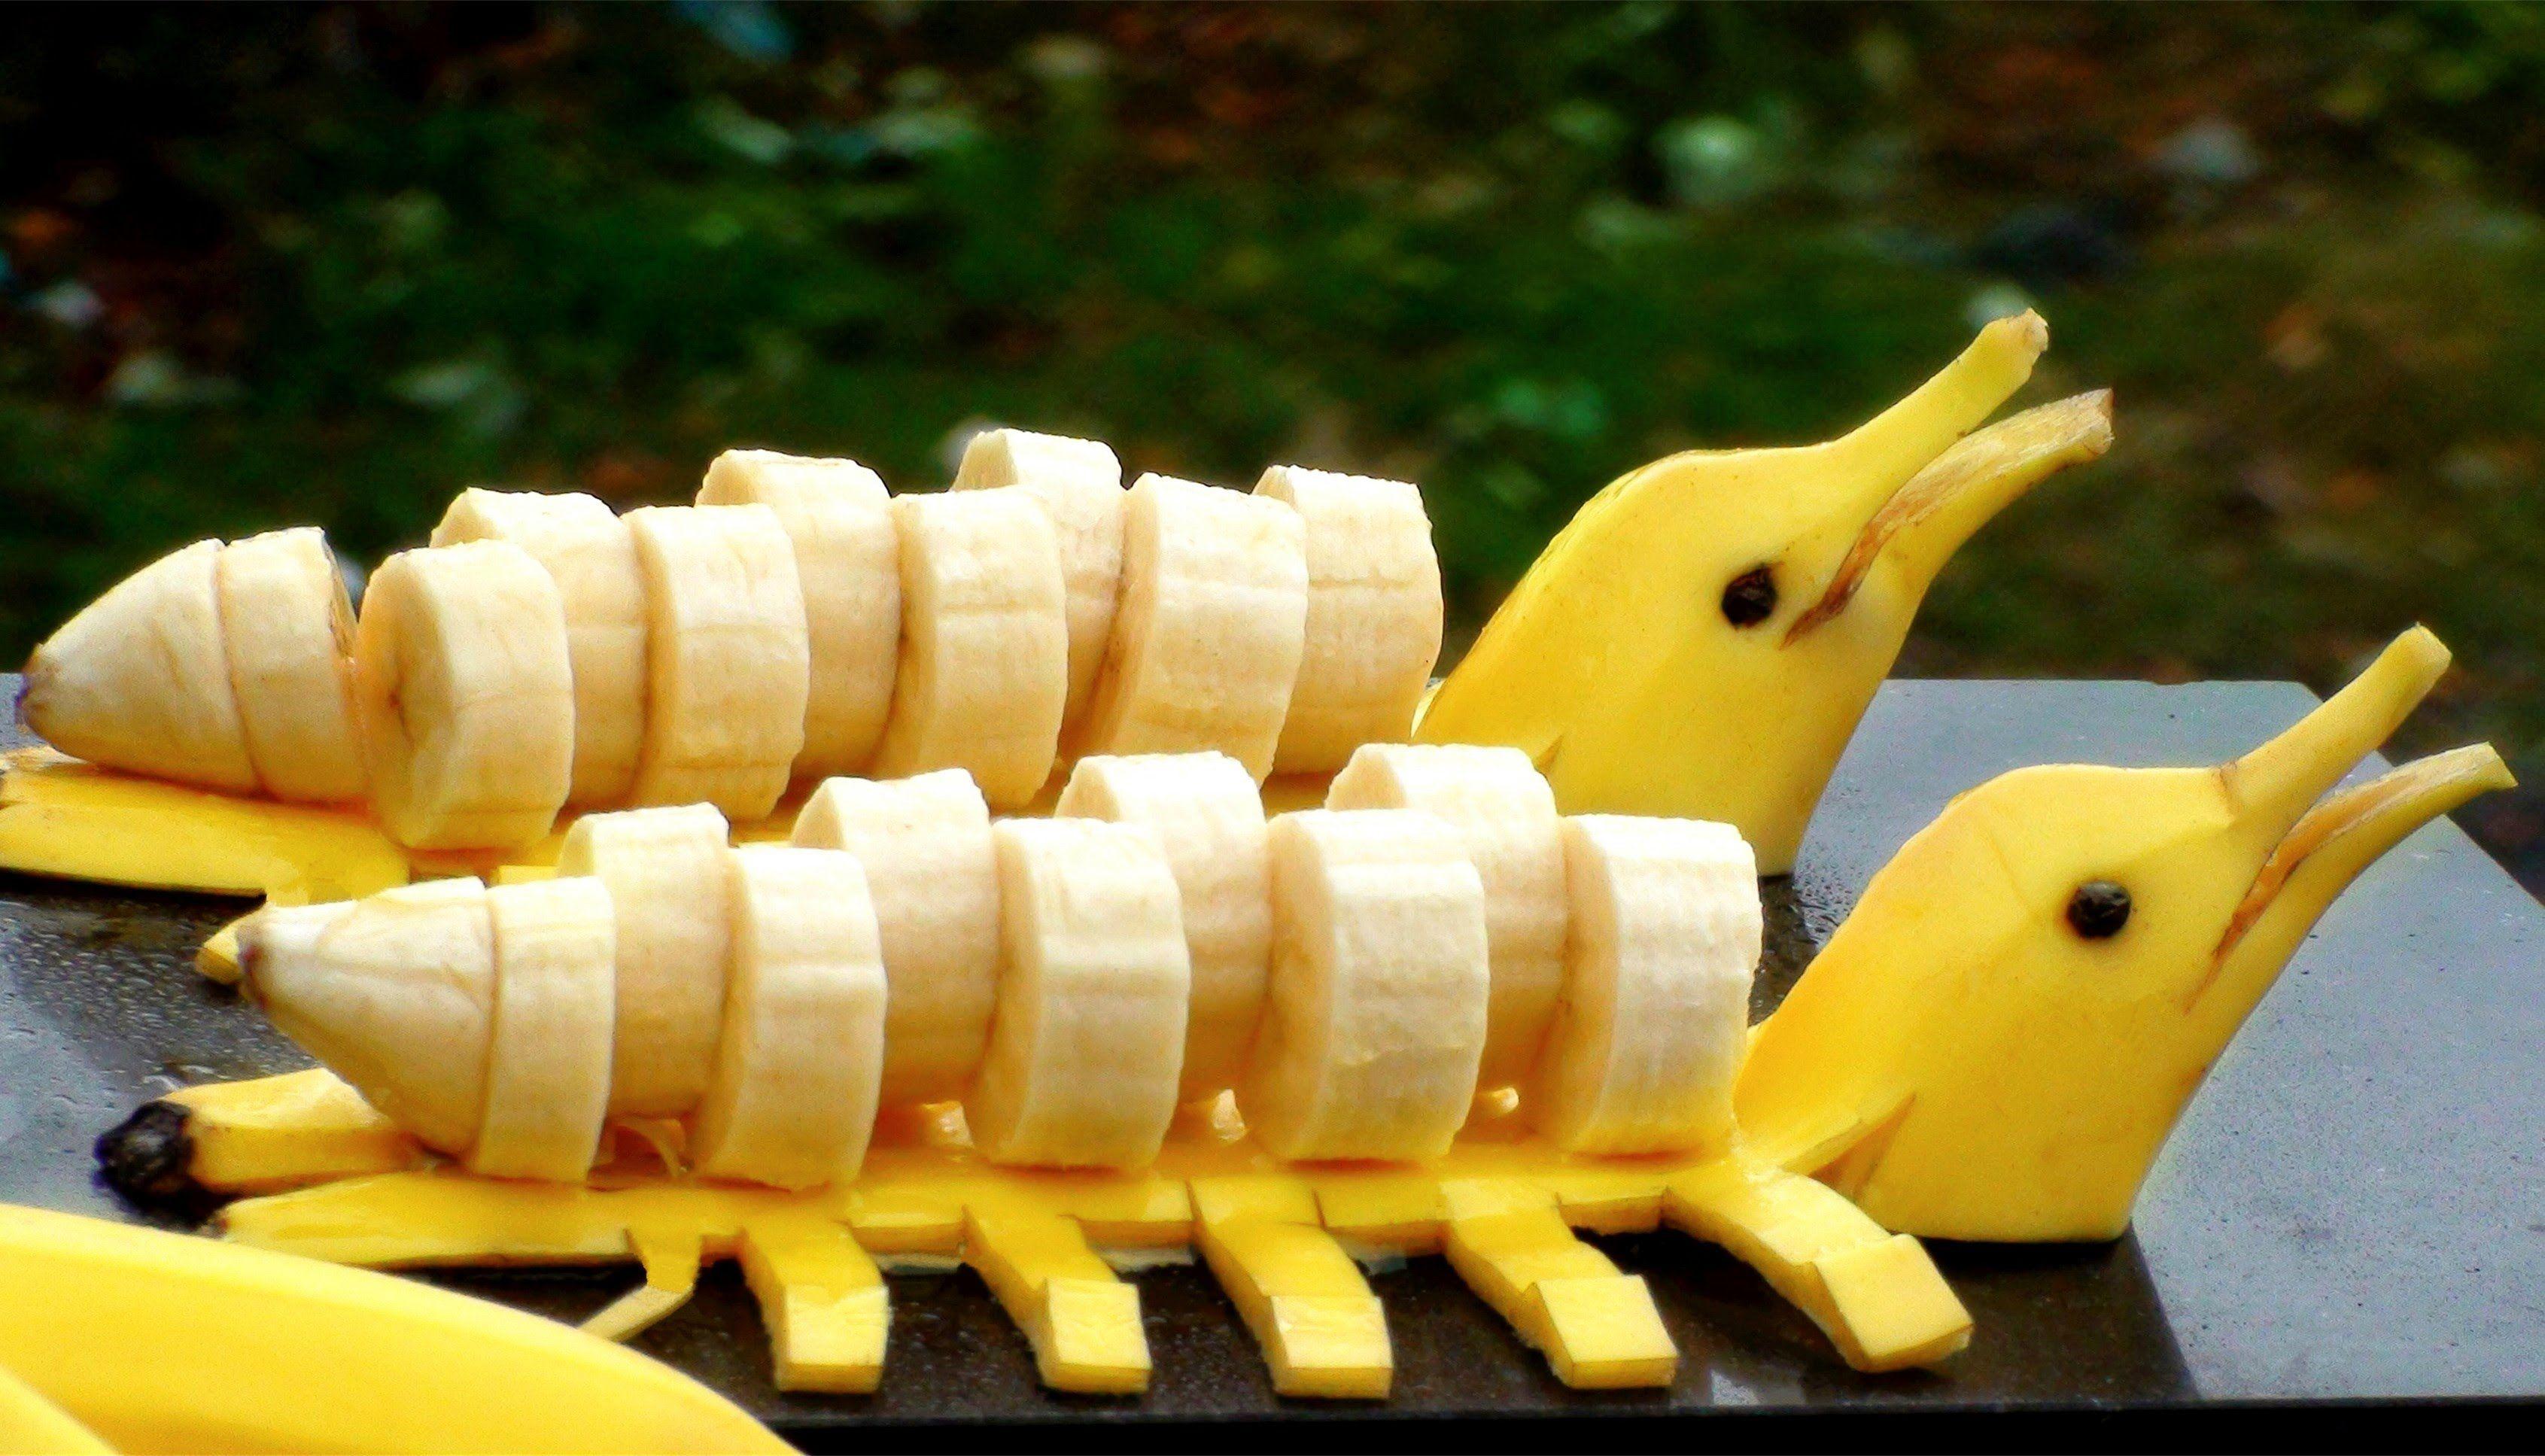 ¿#SabiasQue comer banana ayuda a prevenir calambres?